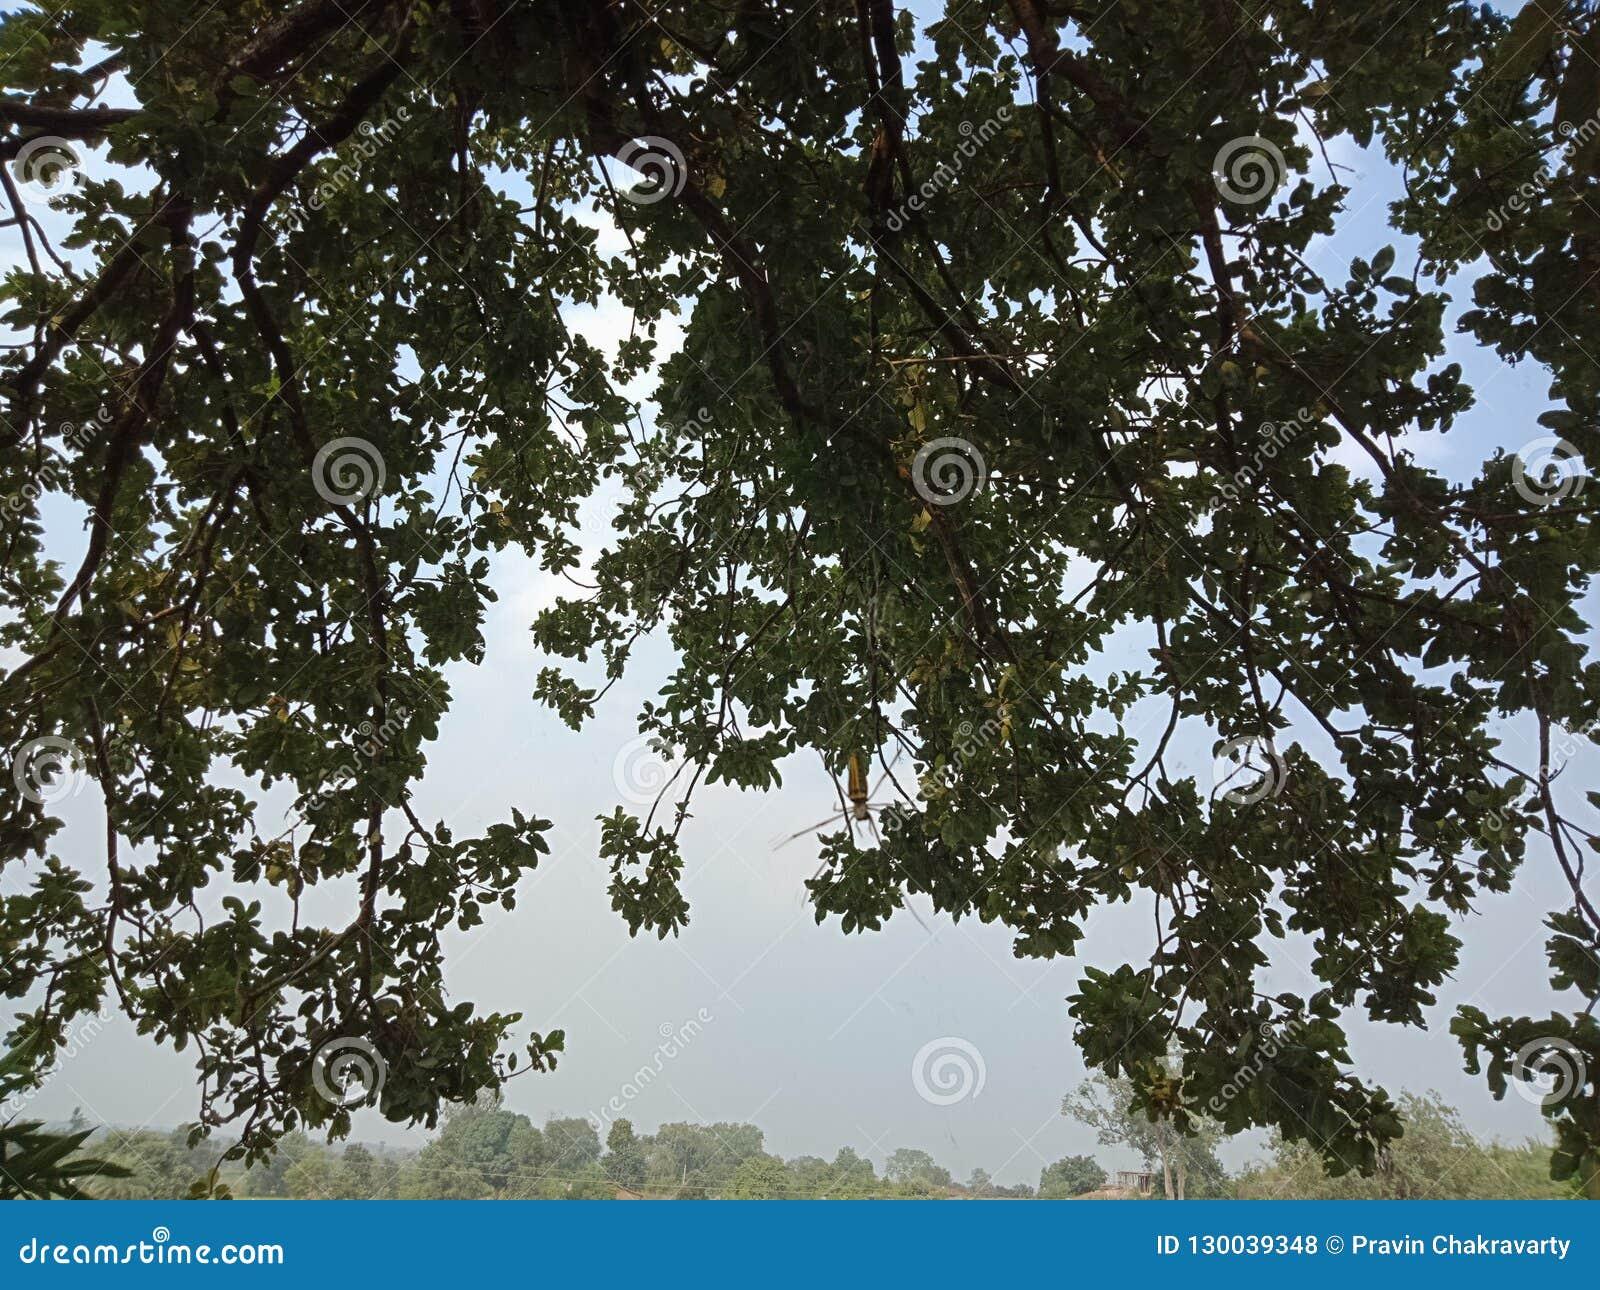 La corteza de árbol texturizó el fondo, paisaje de la naturaleza